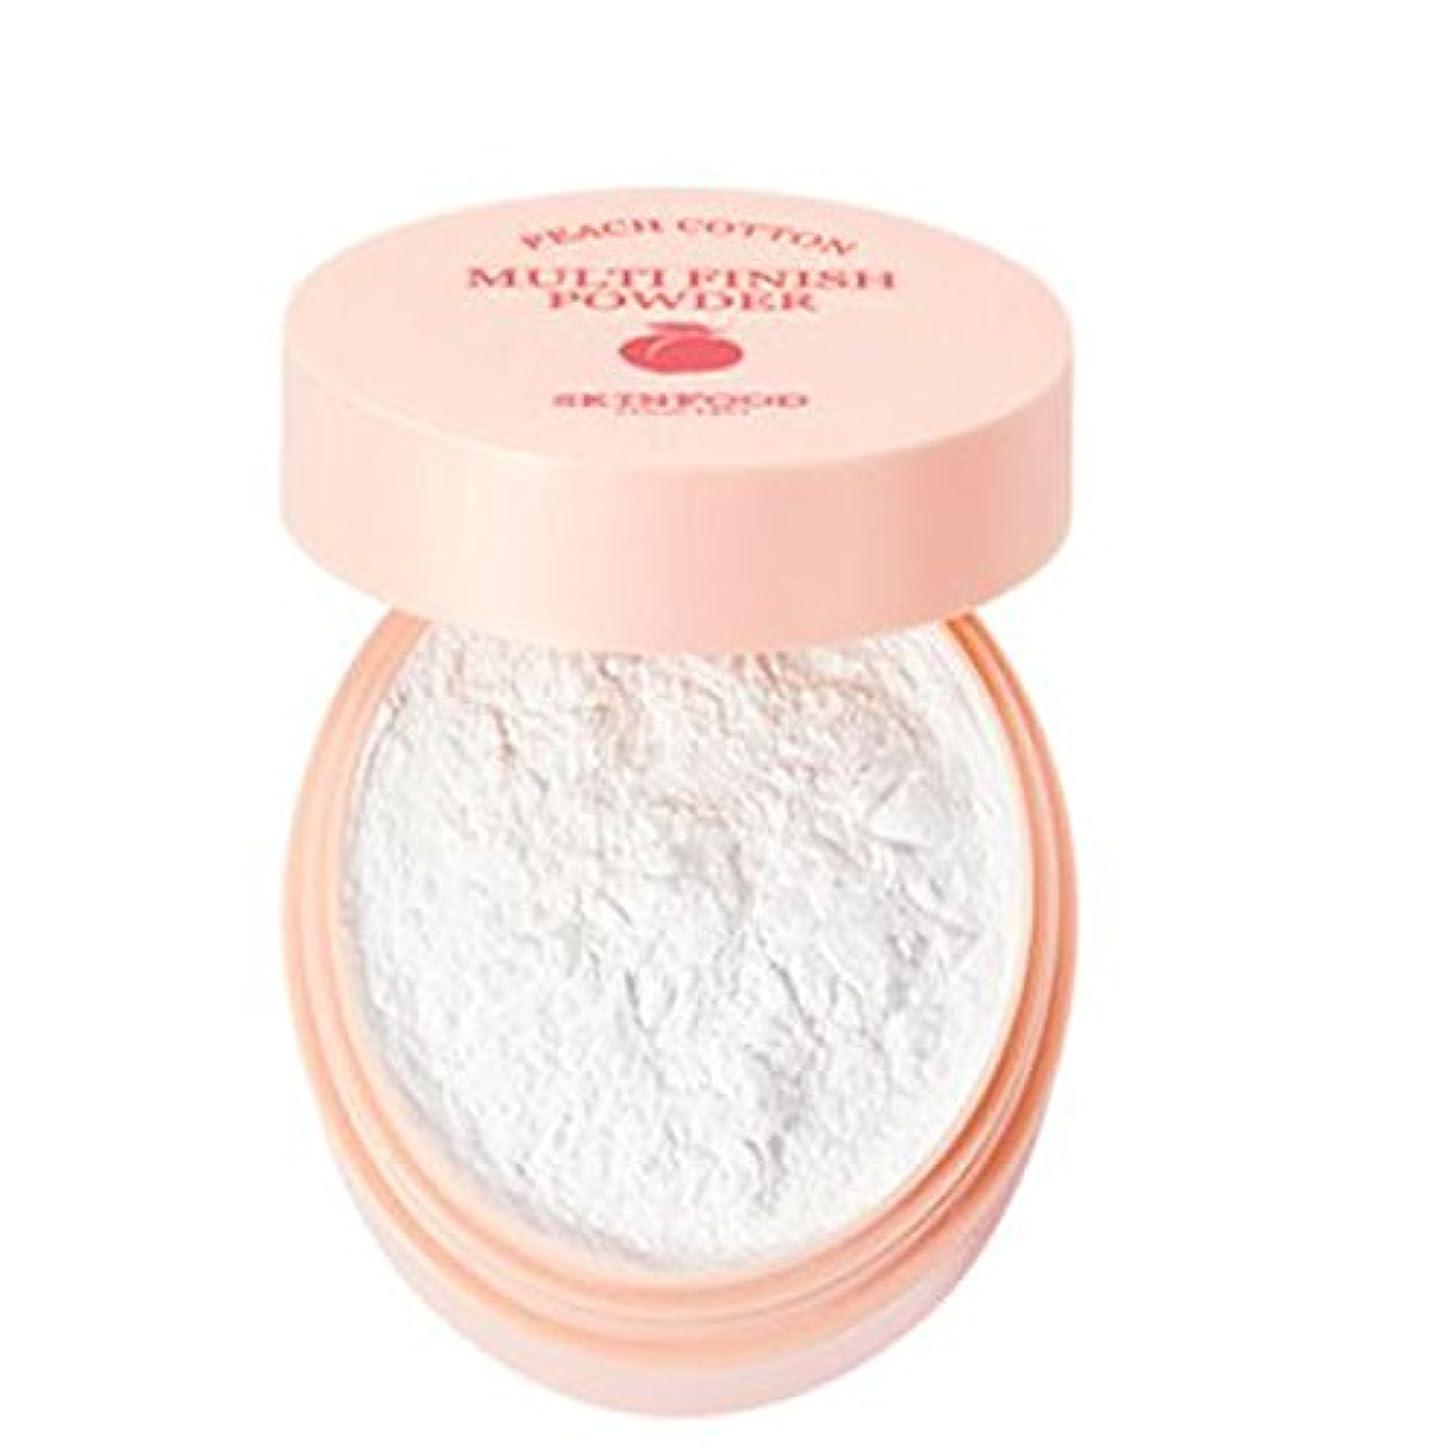 愛撫ゴージャス哲学[SKINFOOD] Peach Cotton Multi Finish Powder ピッチサラッとマルチフィニッシュパウダー - 5g